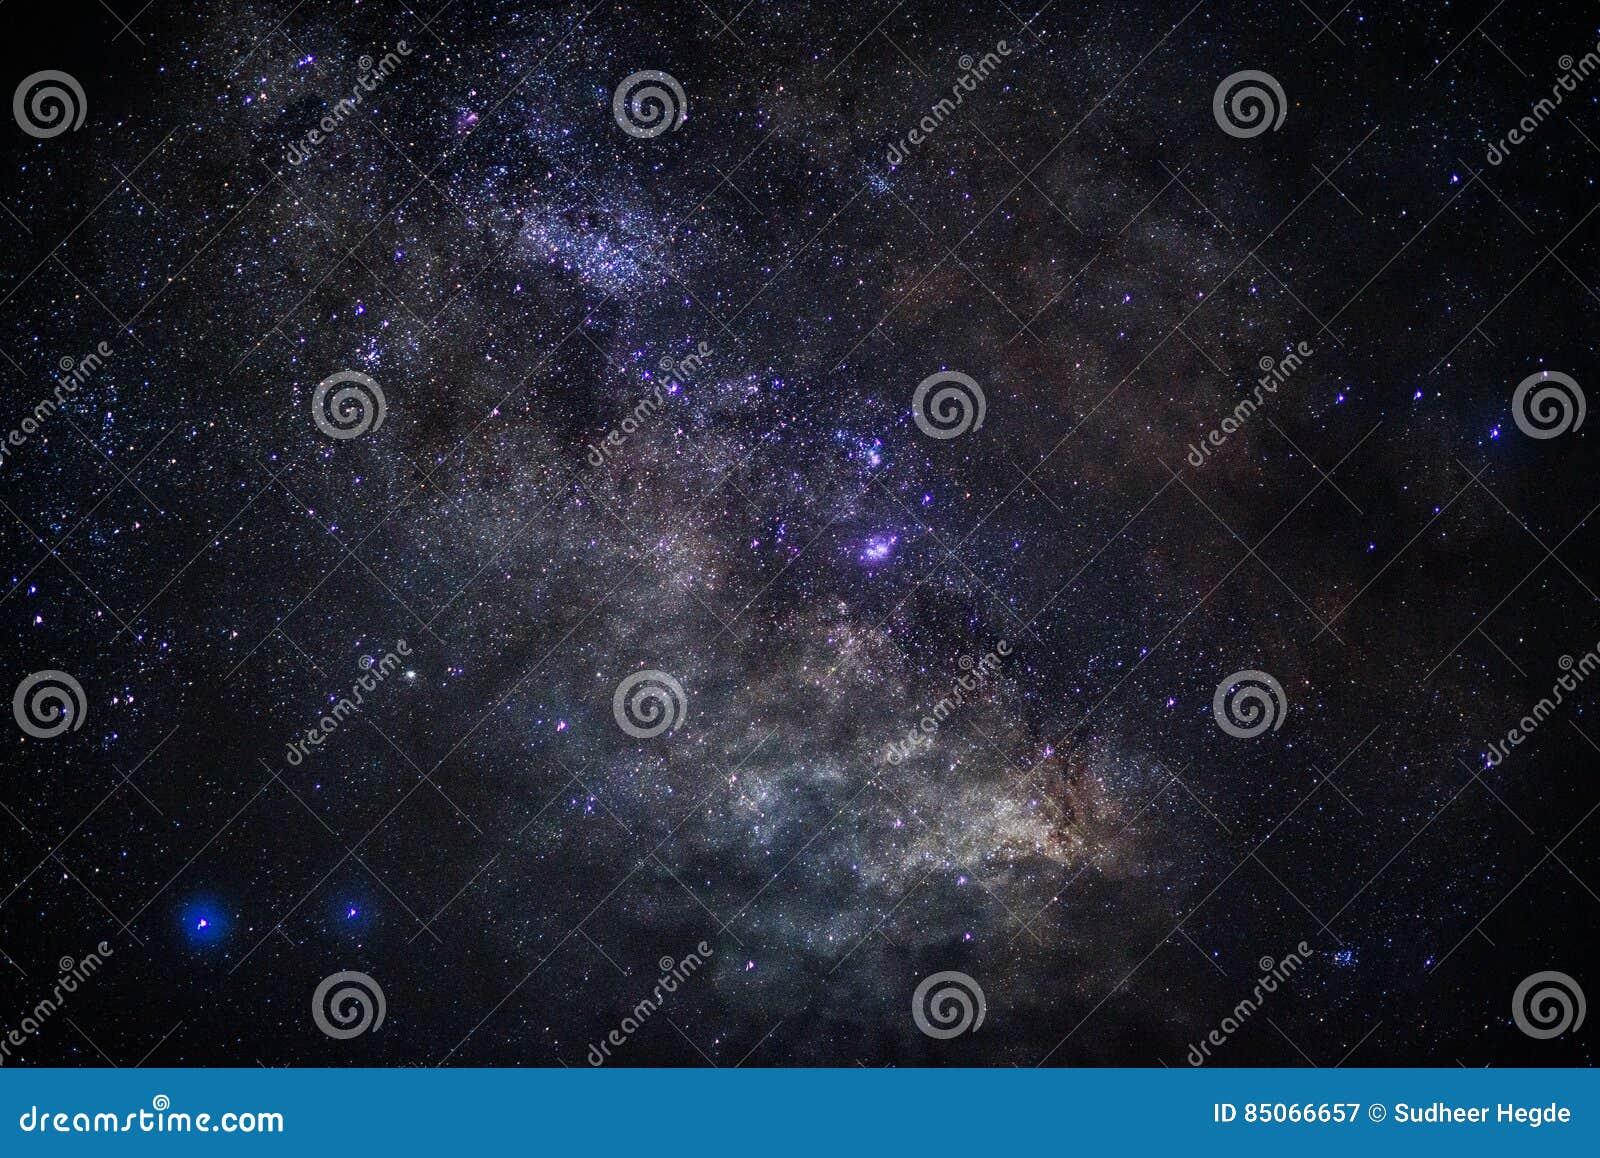 Vibrant Galaxy